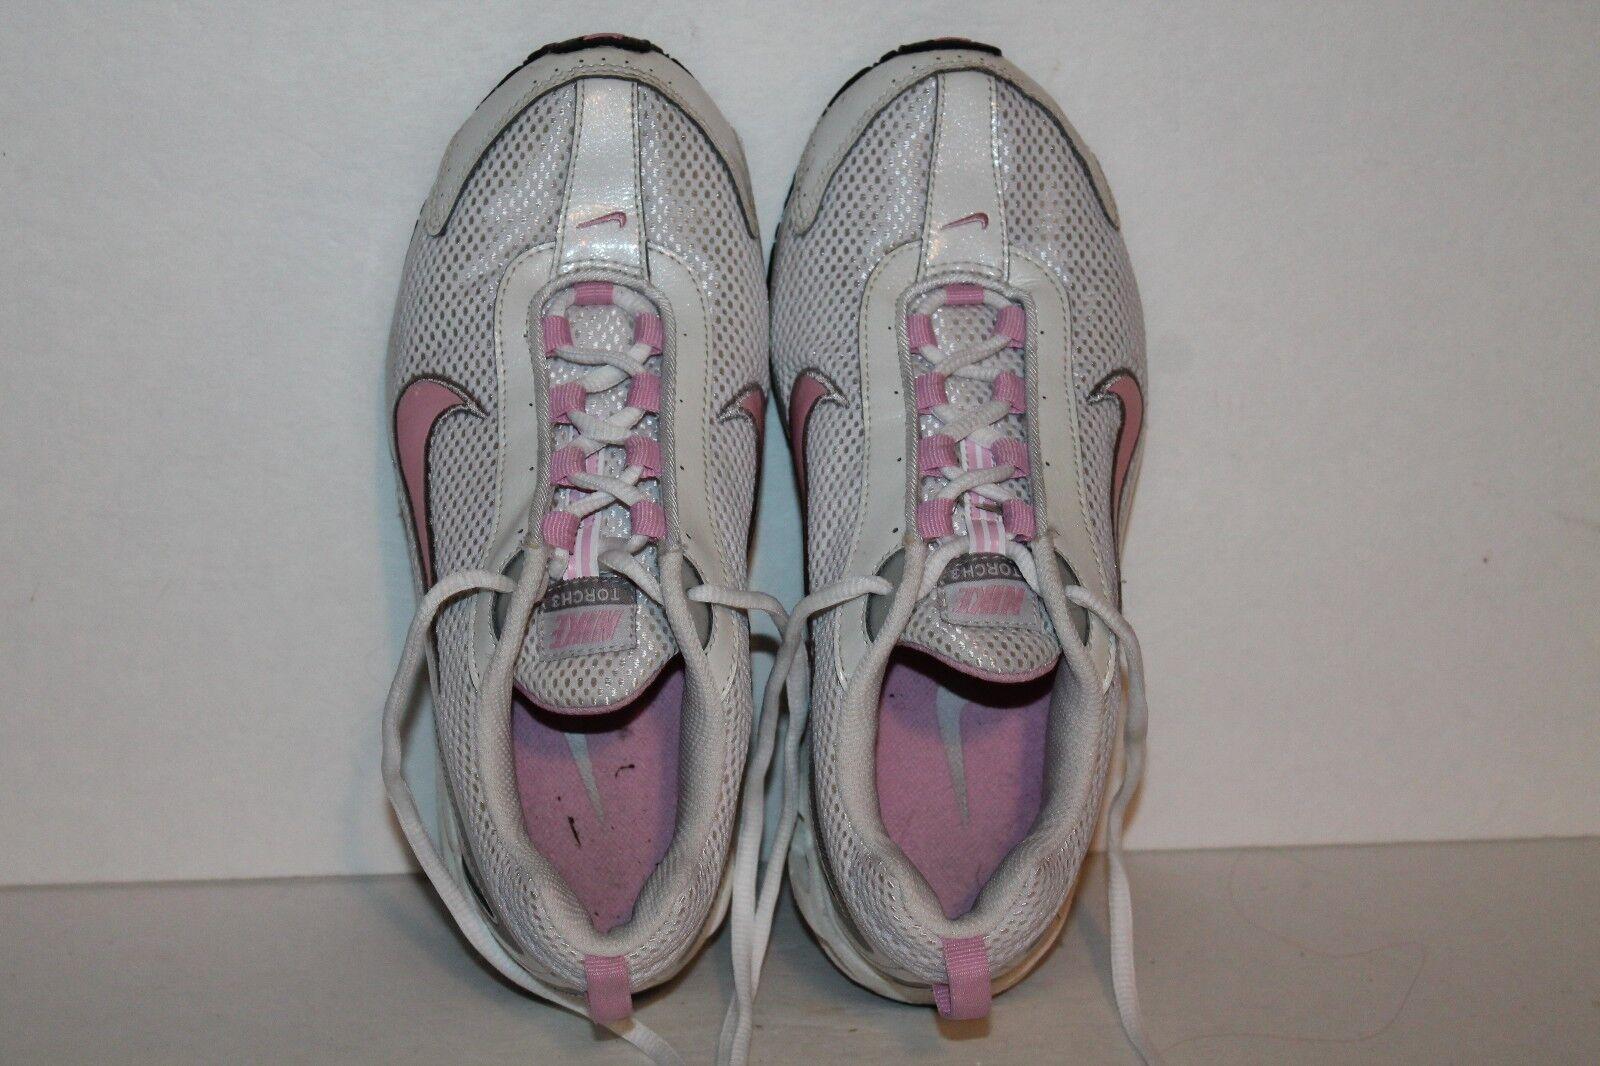 nike libre 5,0 des chaussures bleu, de course, volt / bleu, chaussures  s ~ 6,5 ou 5 jeunes 9d9dbe